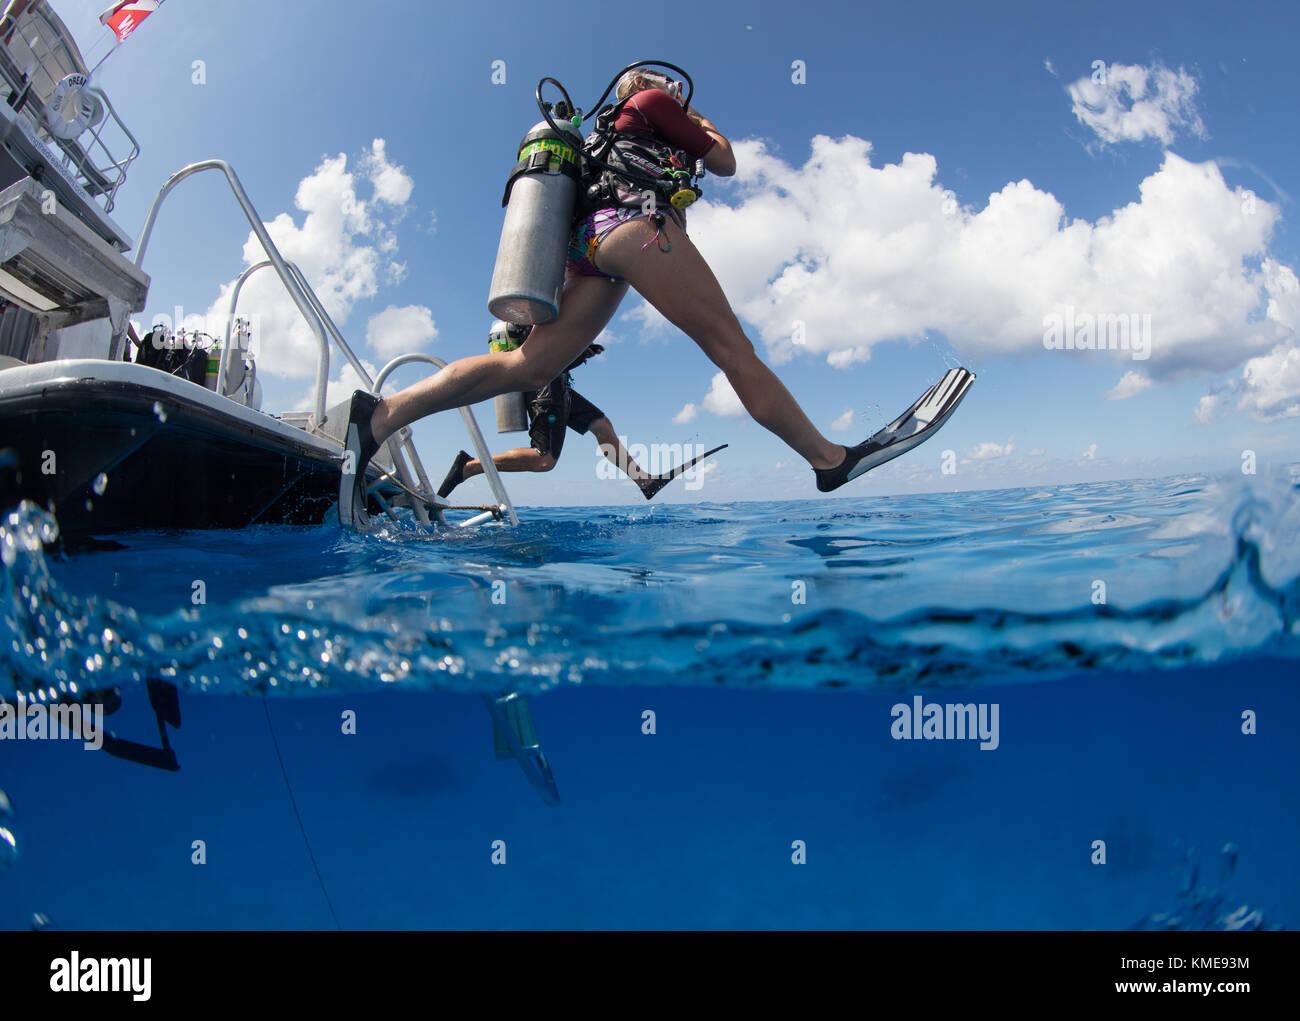 Les plongeurs se retrouvent dans l'eau faisant pas de géant. Banque D'Images